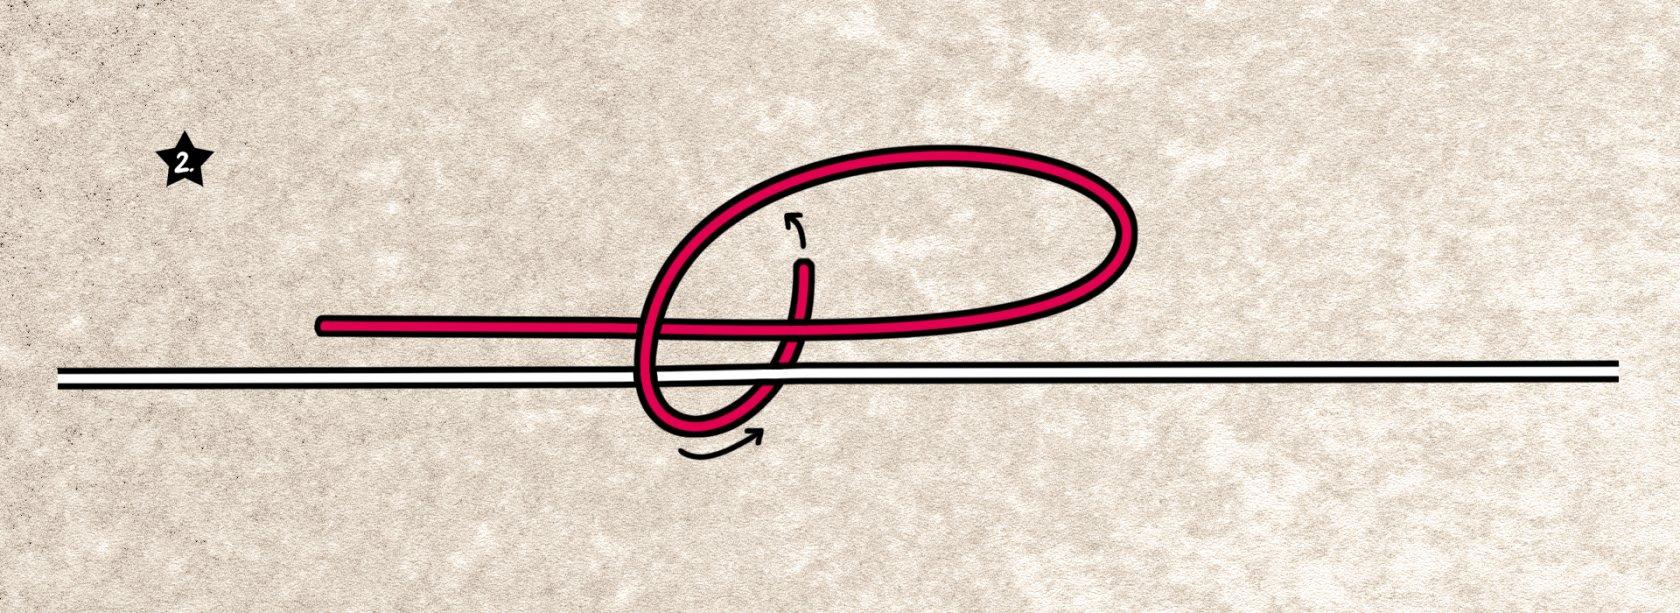 stopperknoten anleitung